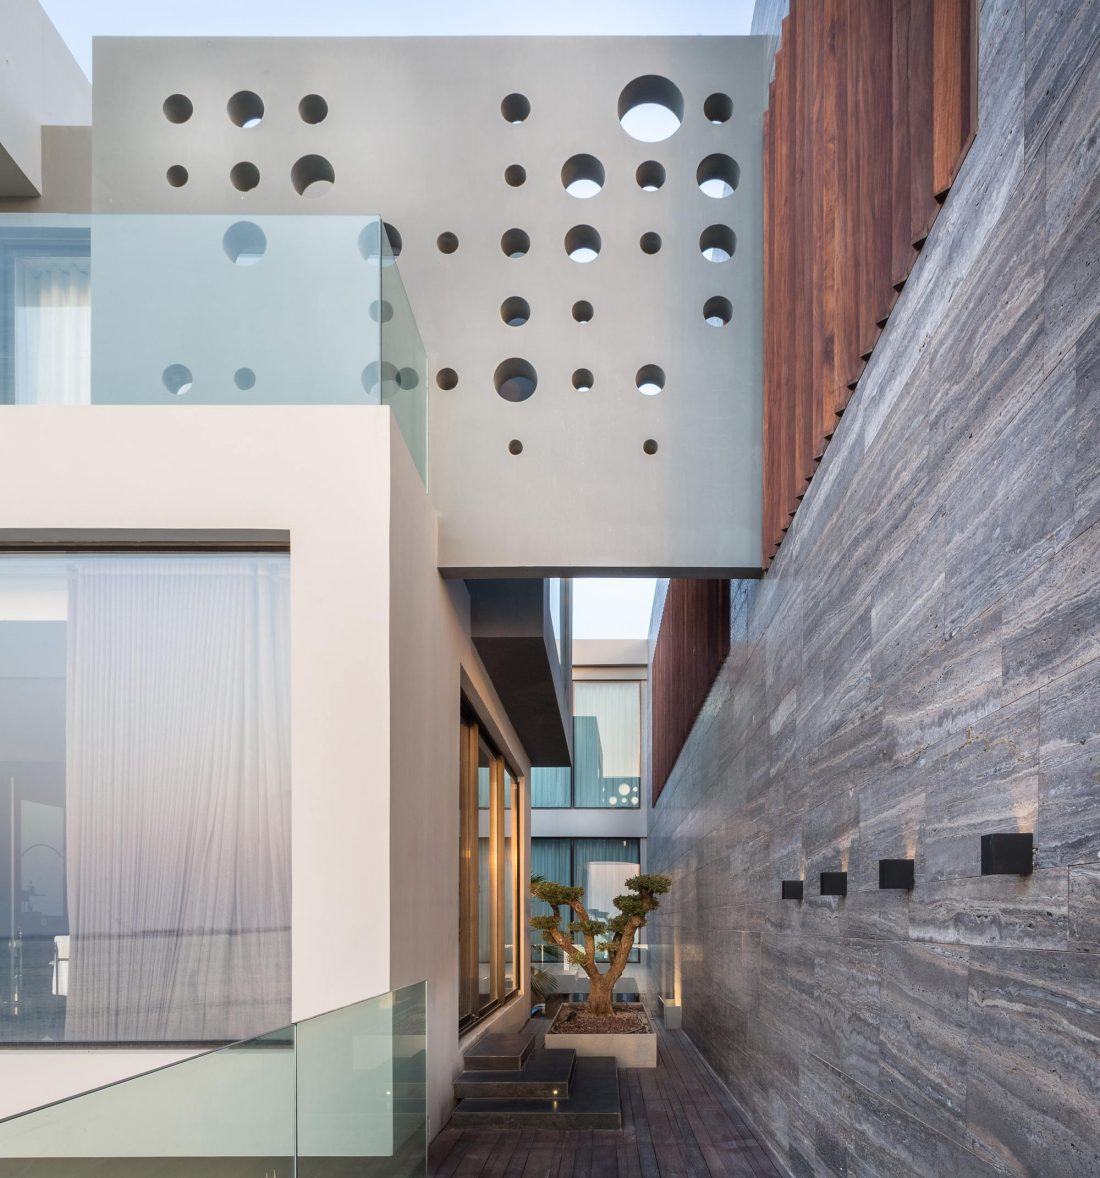 Вилла ААК масштабный эклектичный проект от студии MORIQ 3